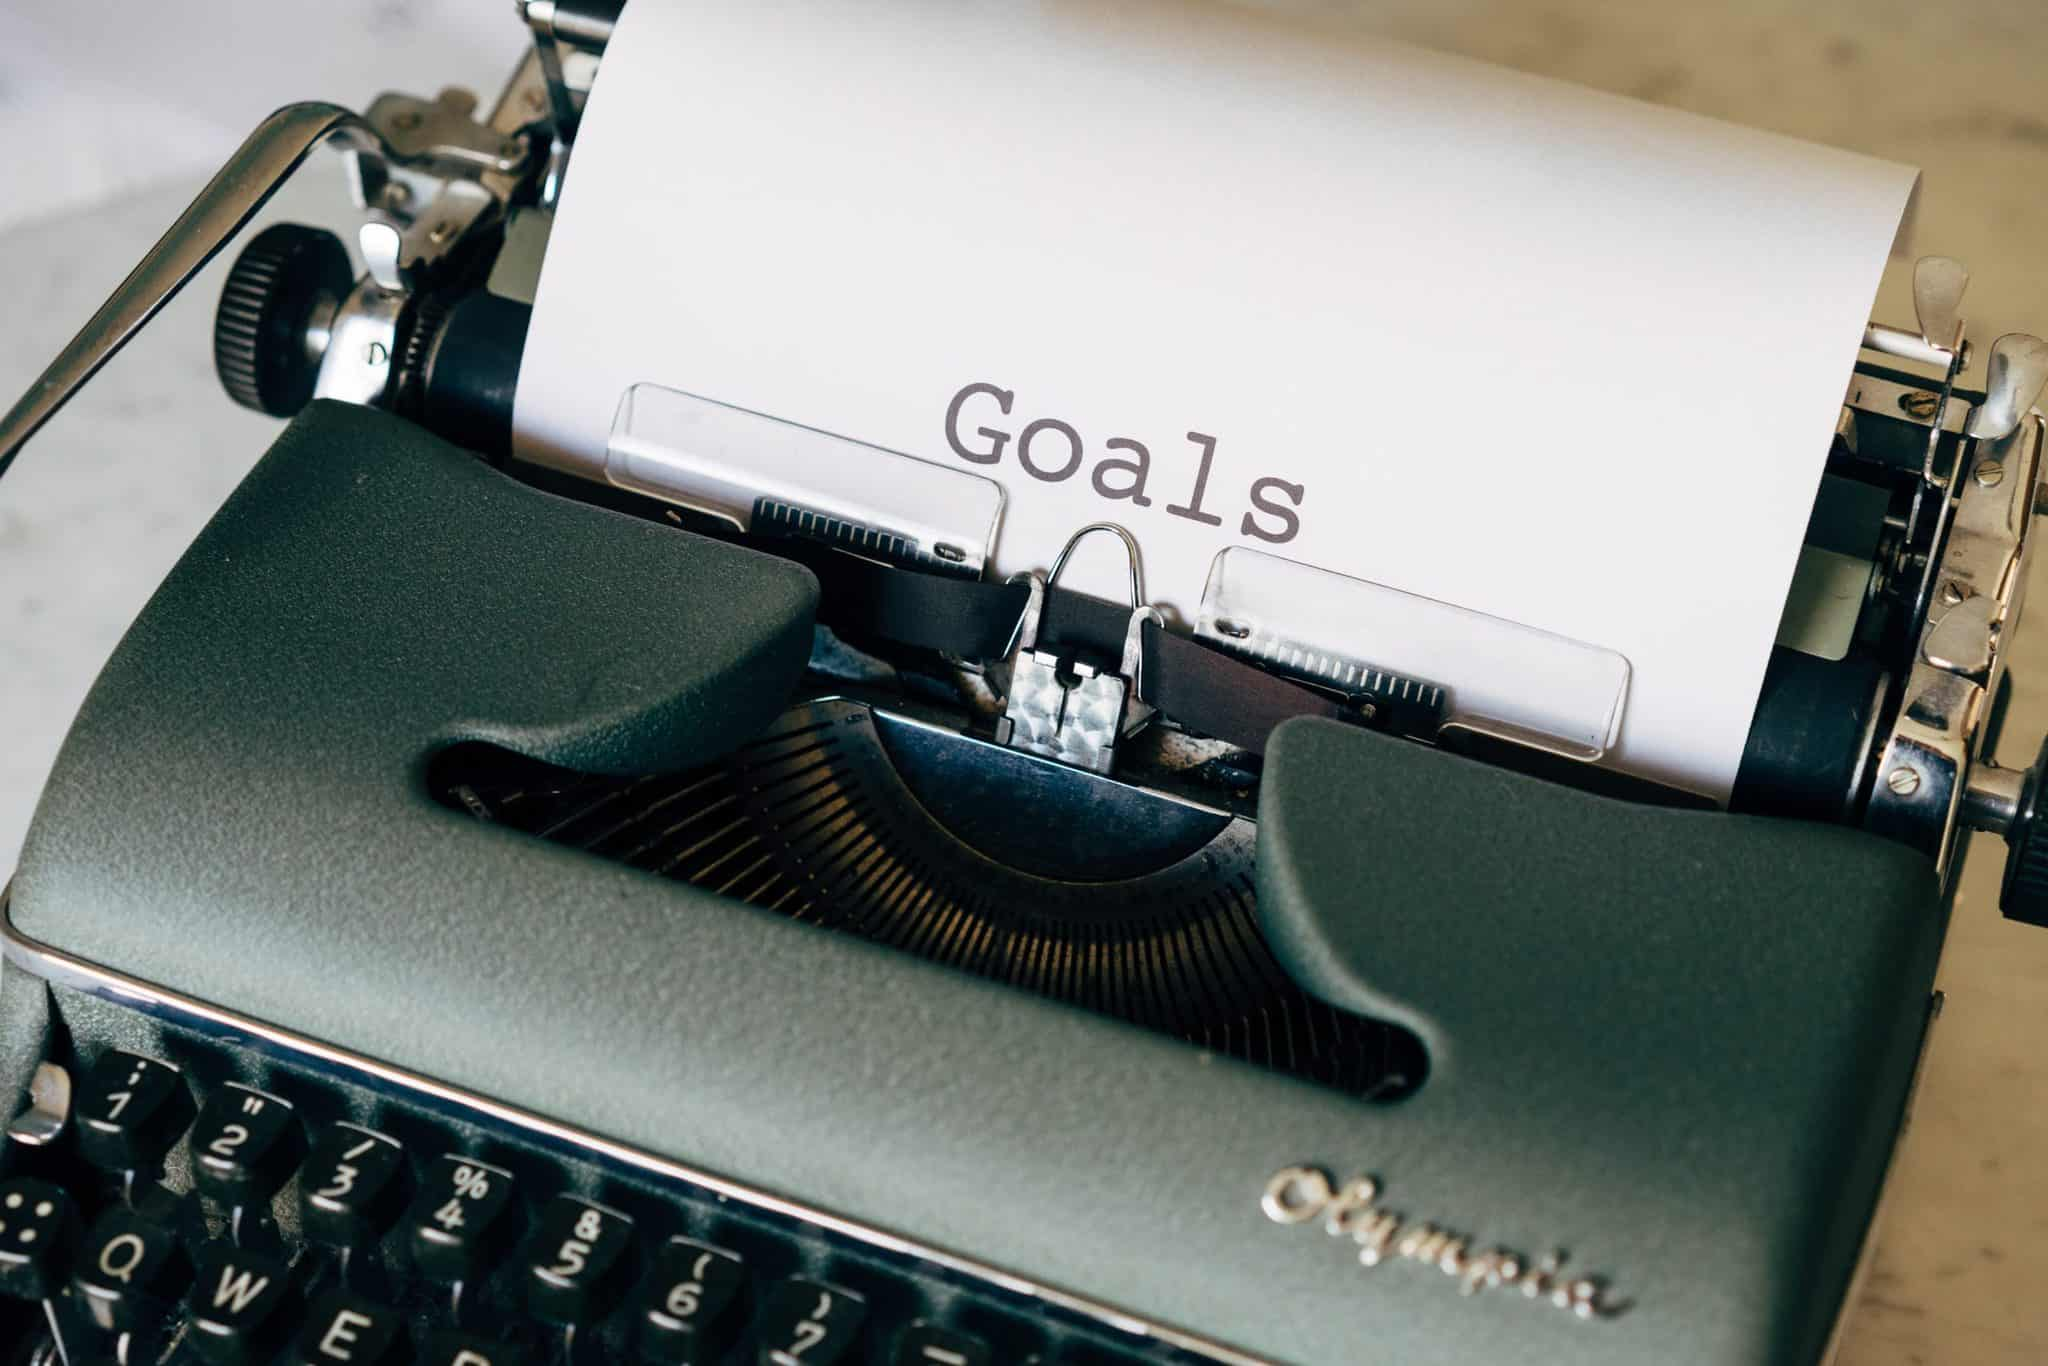 Understand your event goals